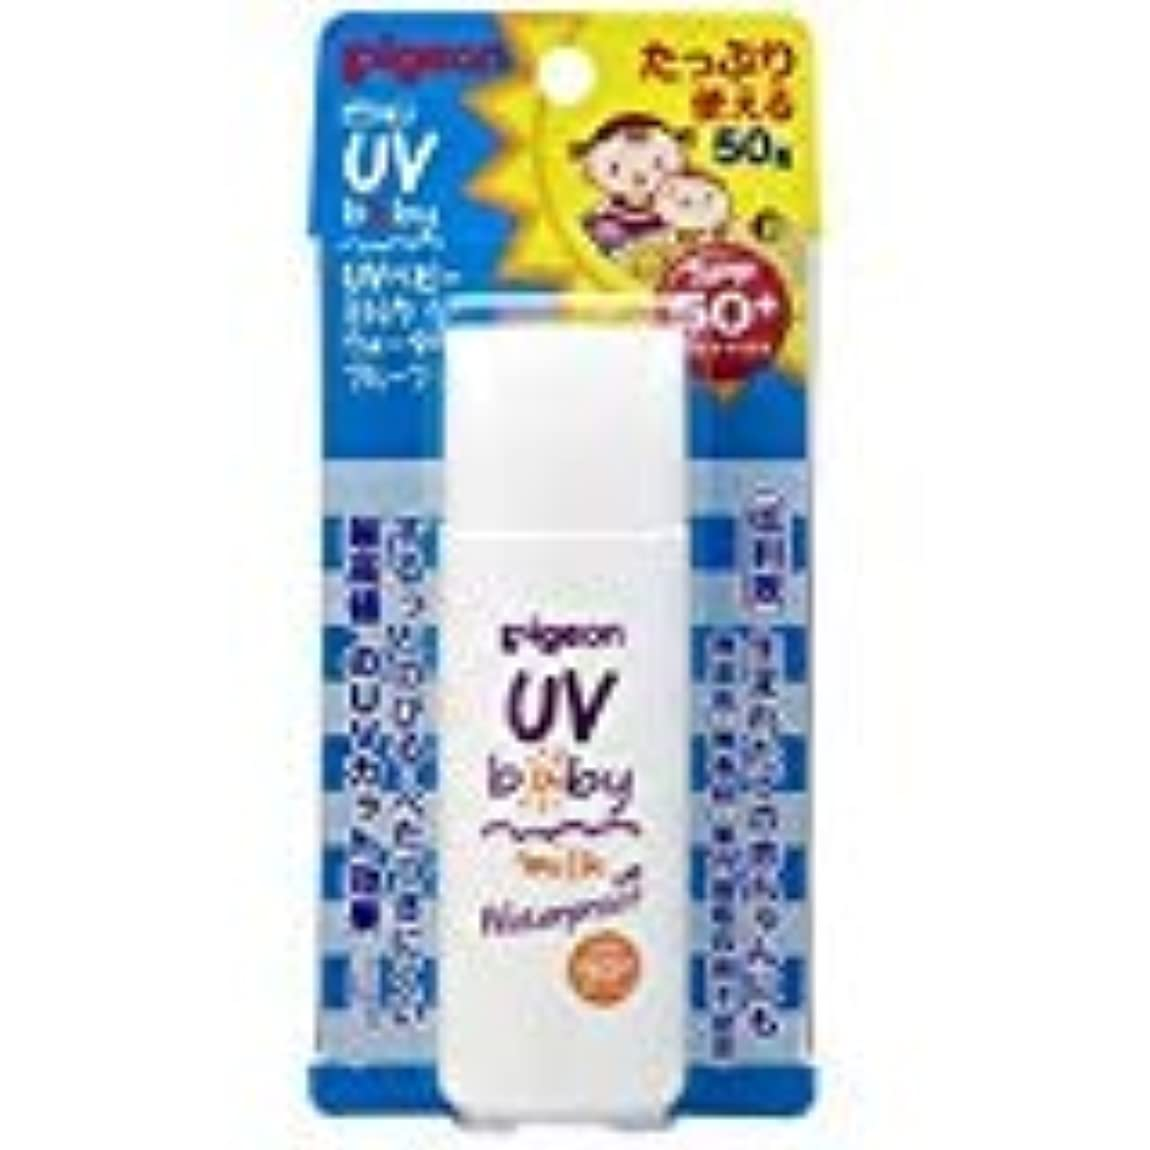 木曜日最後に疎外ピジョン UVベビーミルク ウォータープルーフ SPF50+ 50g